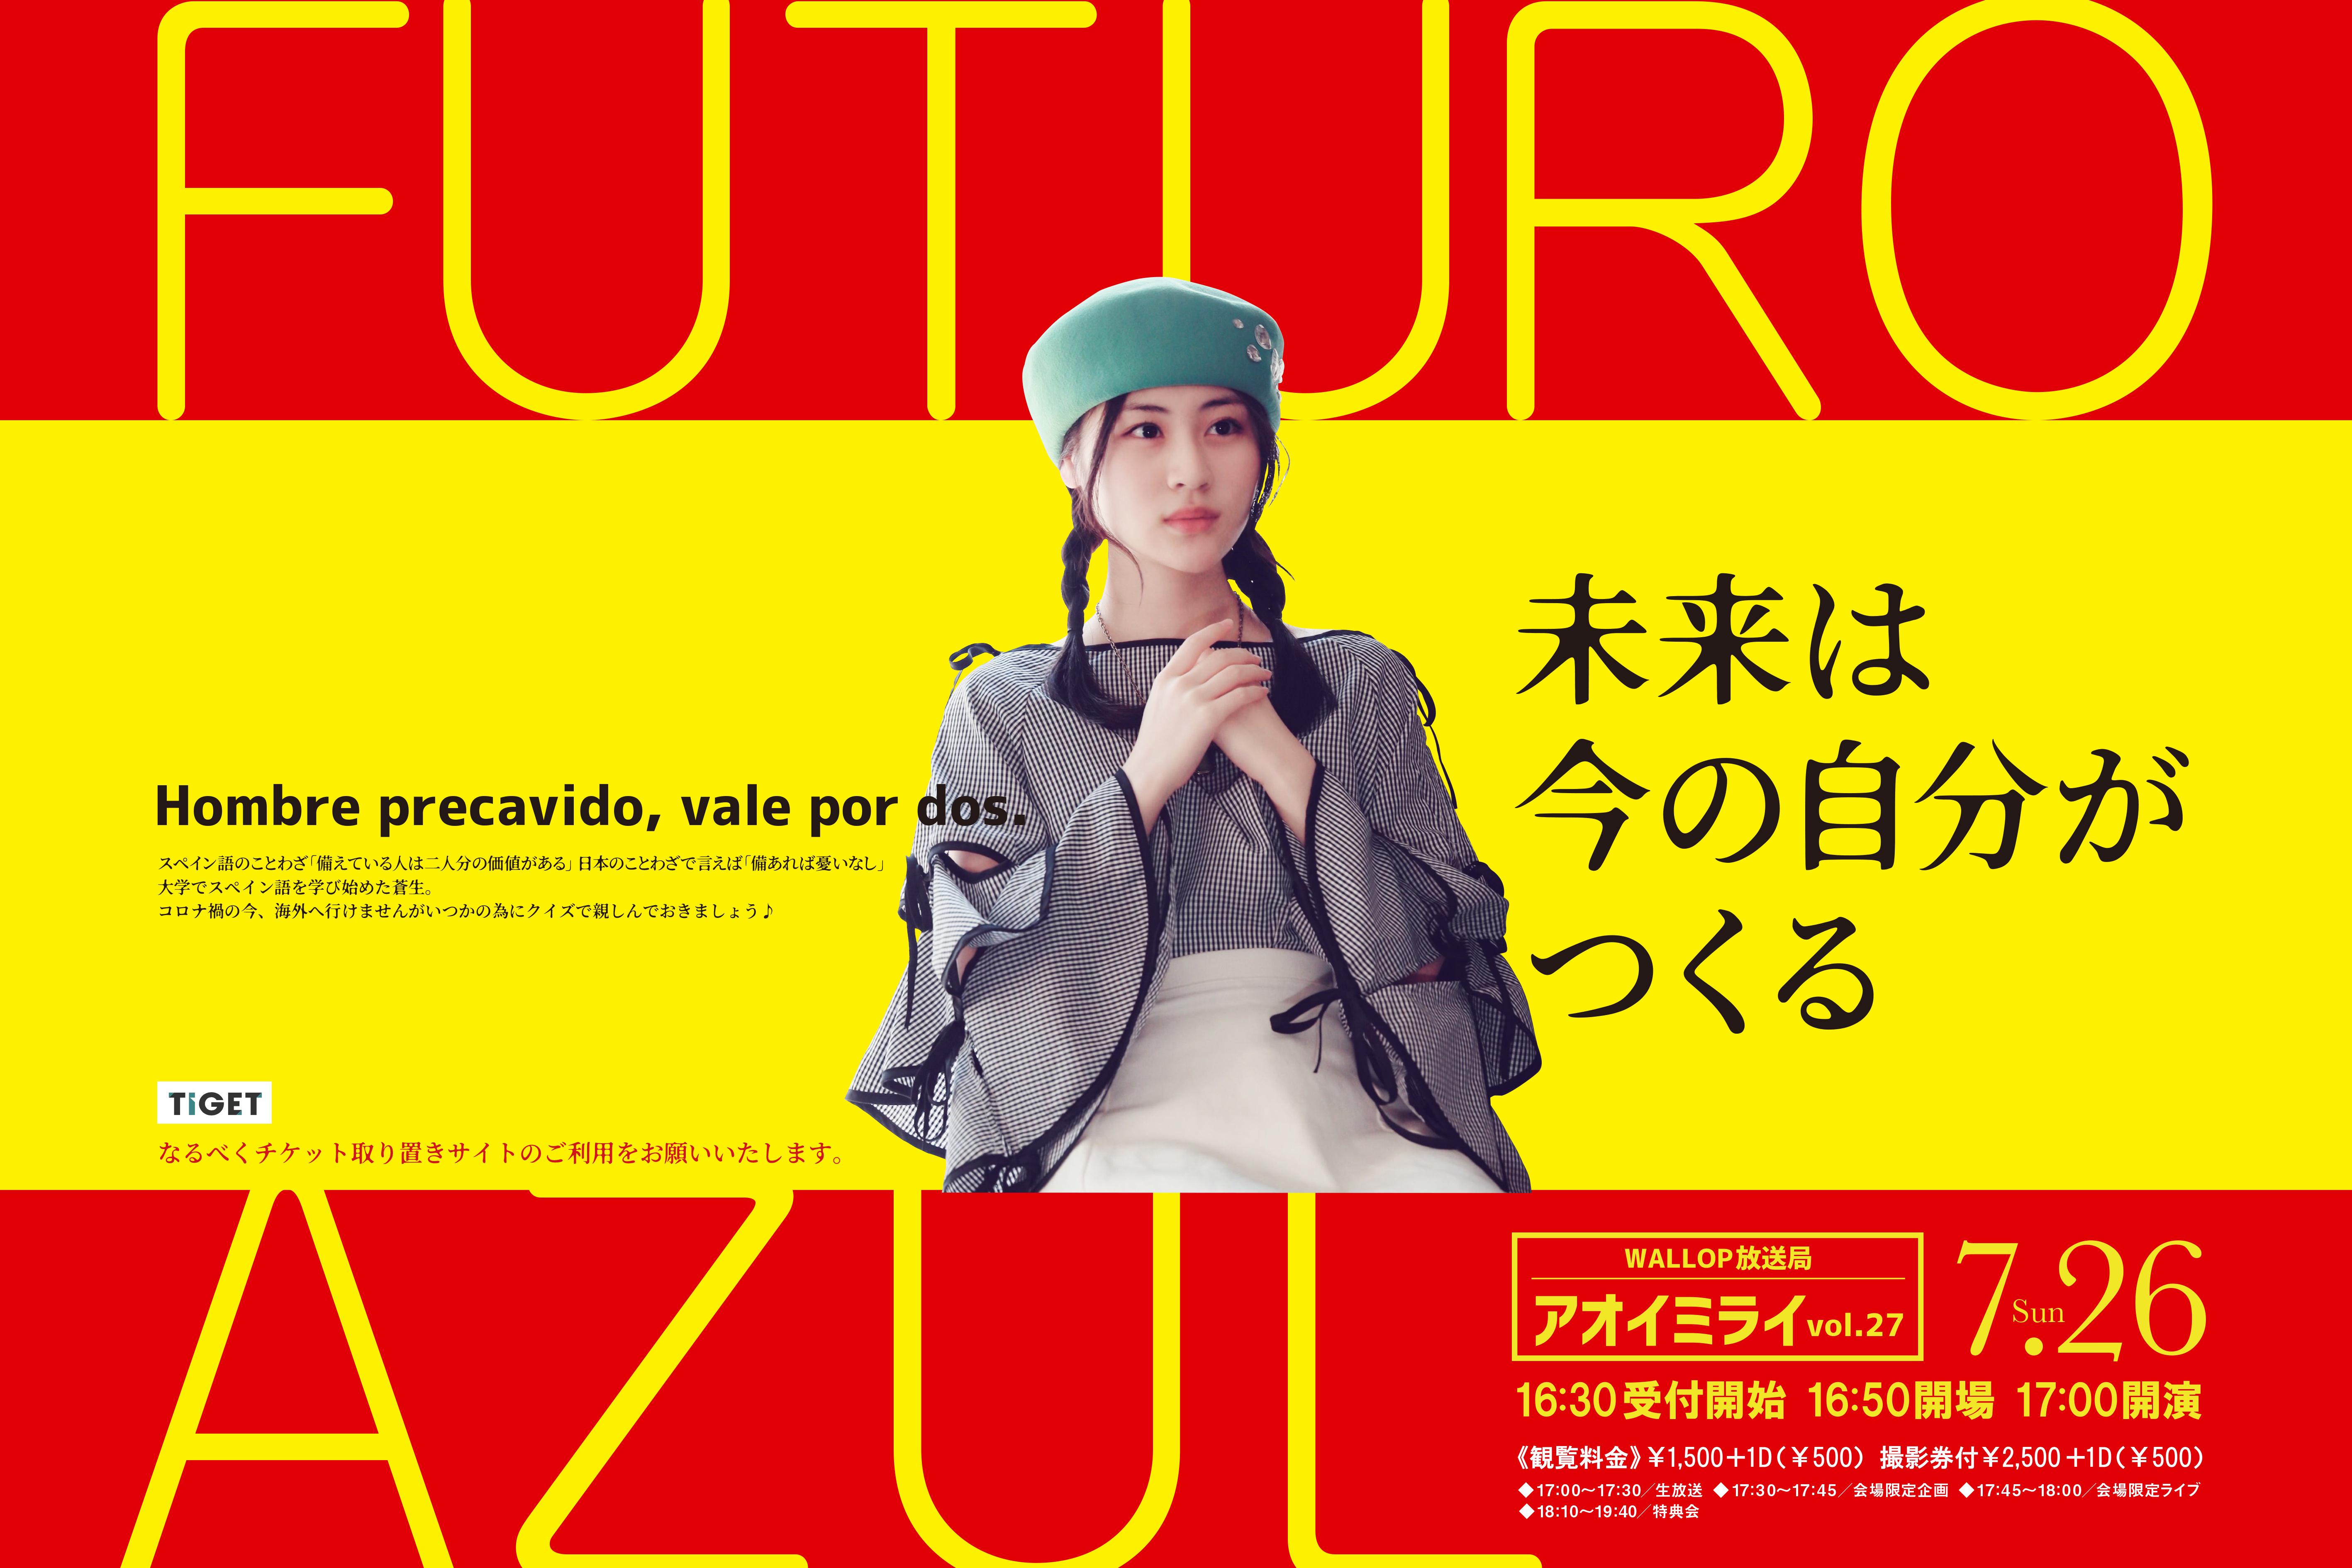 7/26(日)WALLOP「アオイミライ」vol.27